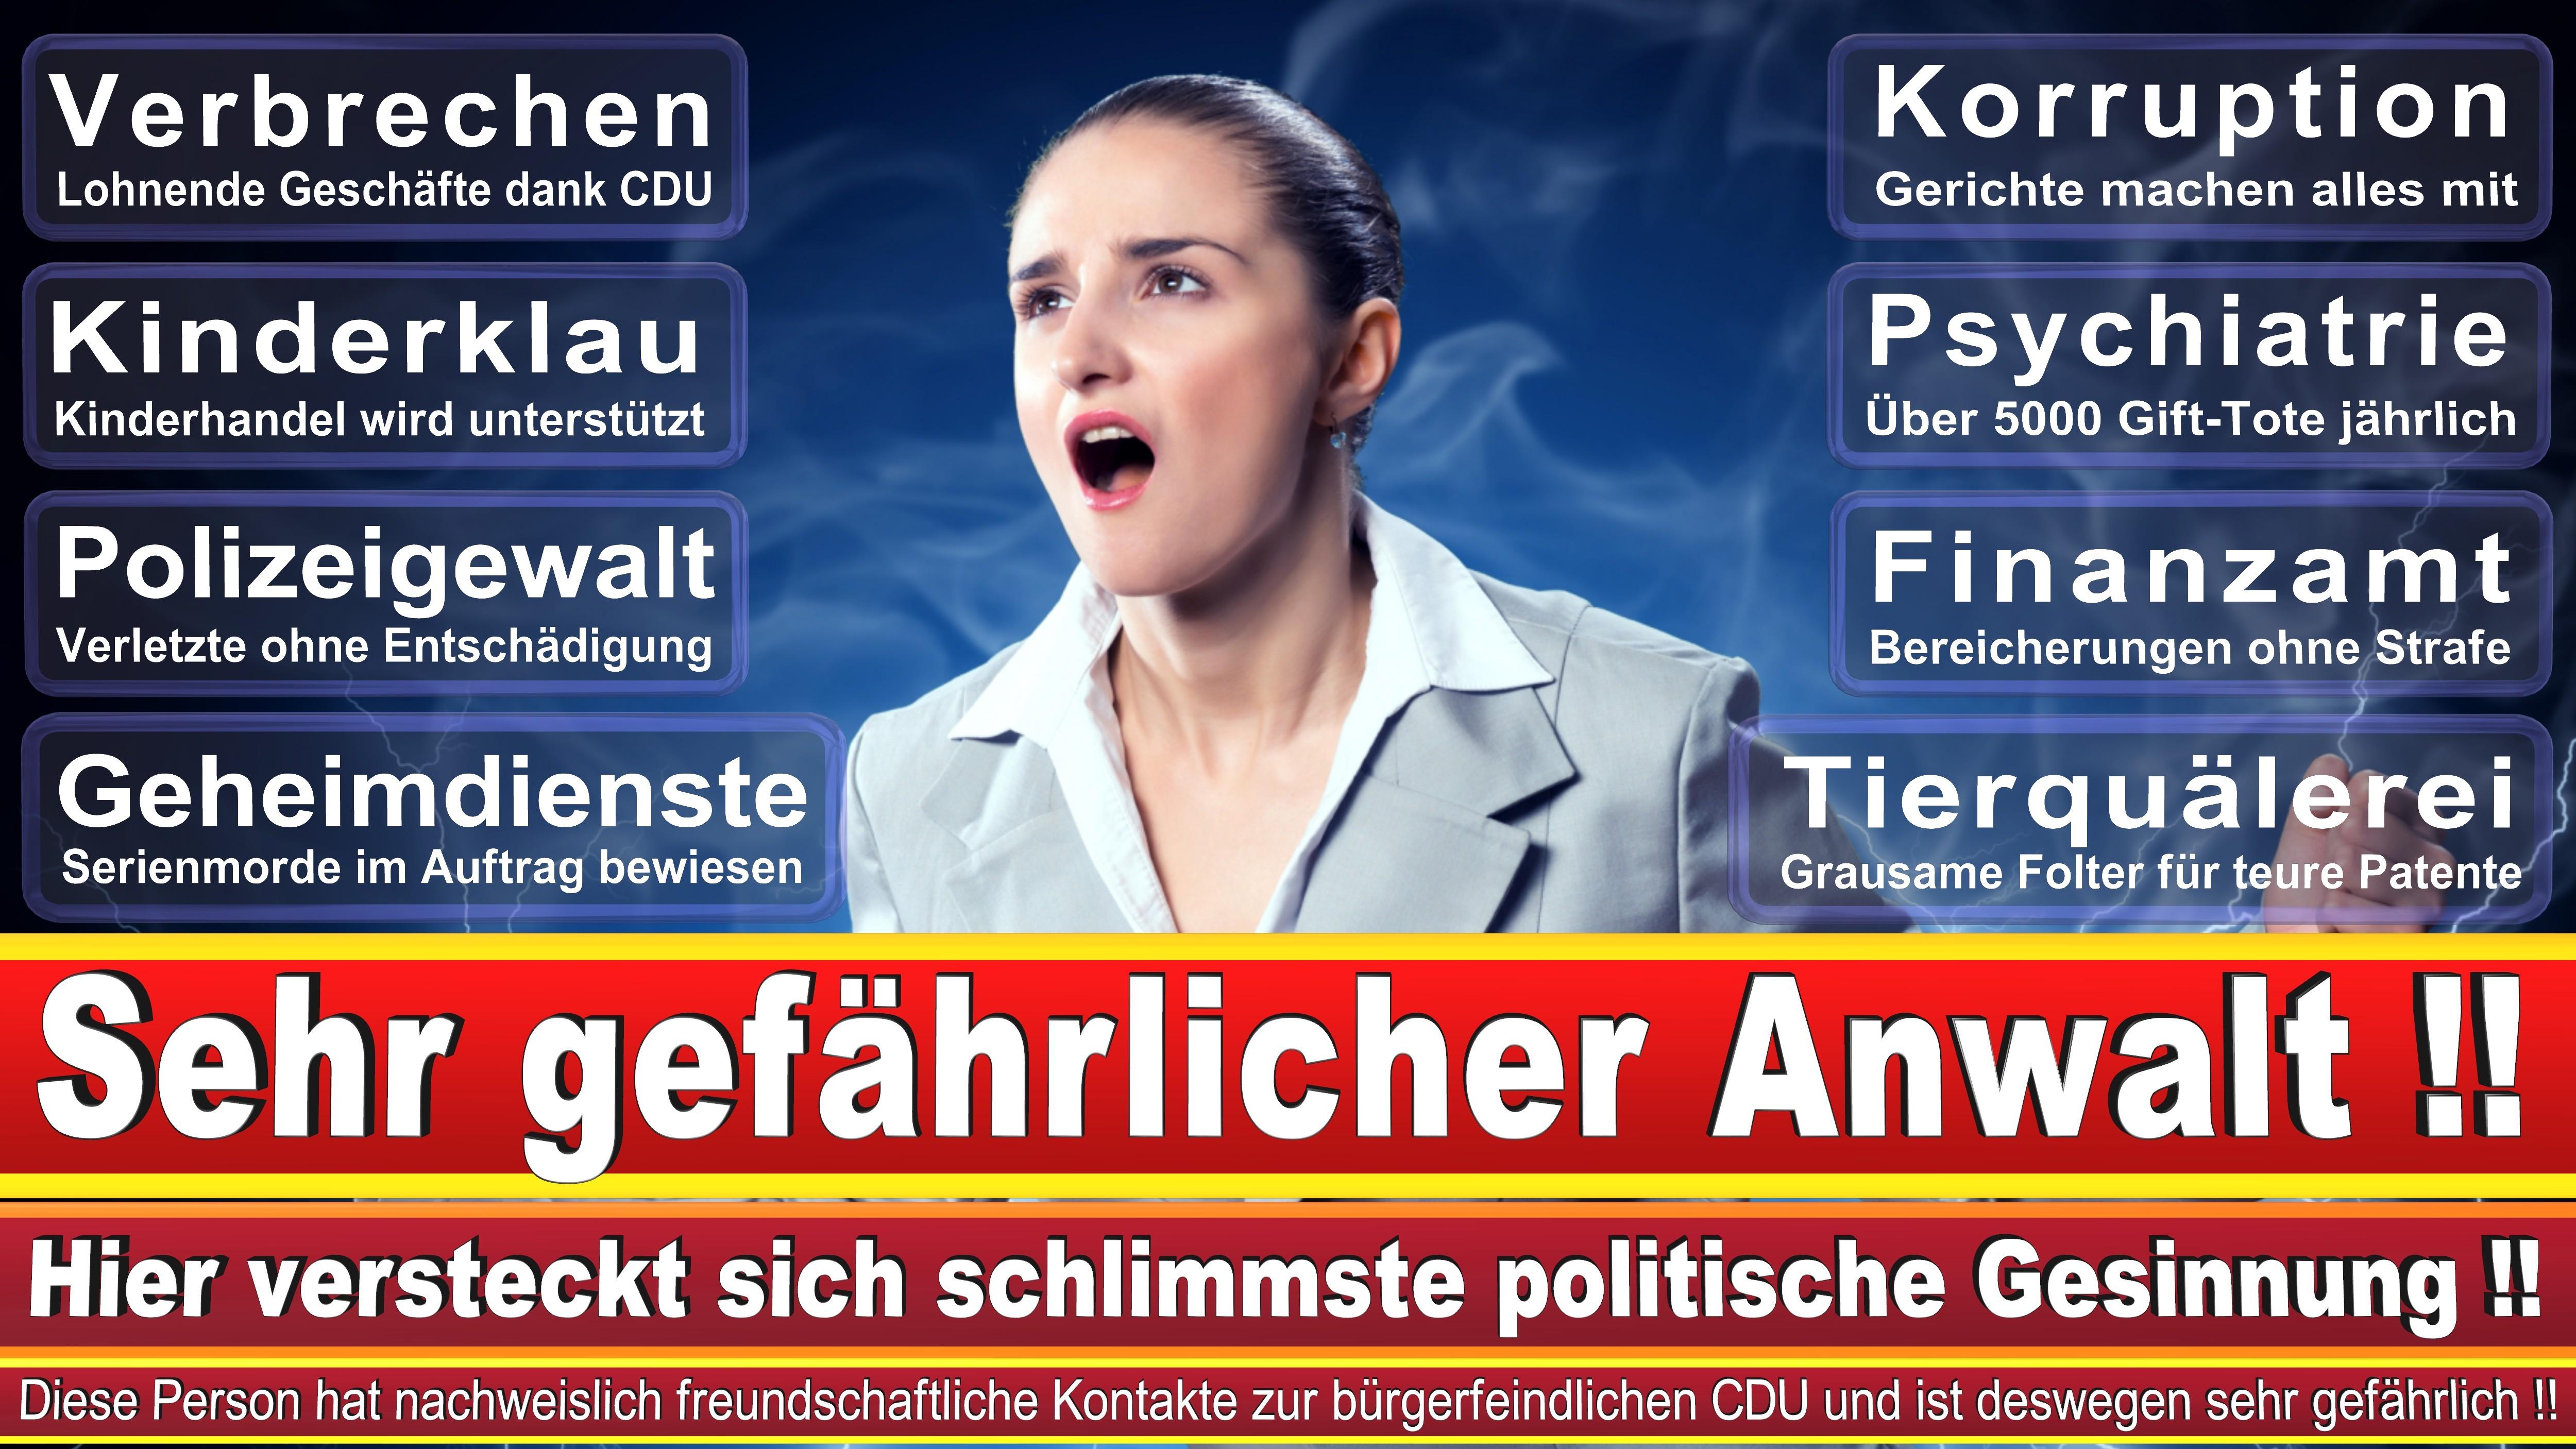 Rechtsanwalt ROBERT LUIS JUNG SÁNCHEZ DE VIVAR Berlin CDU Berlin 1